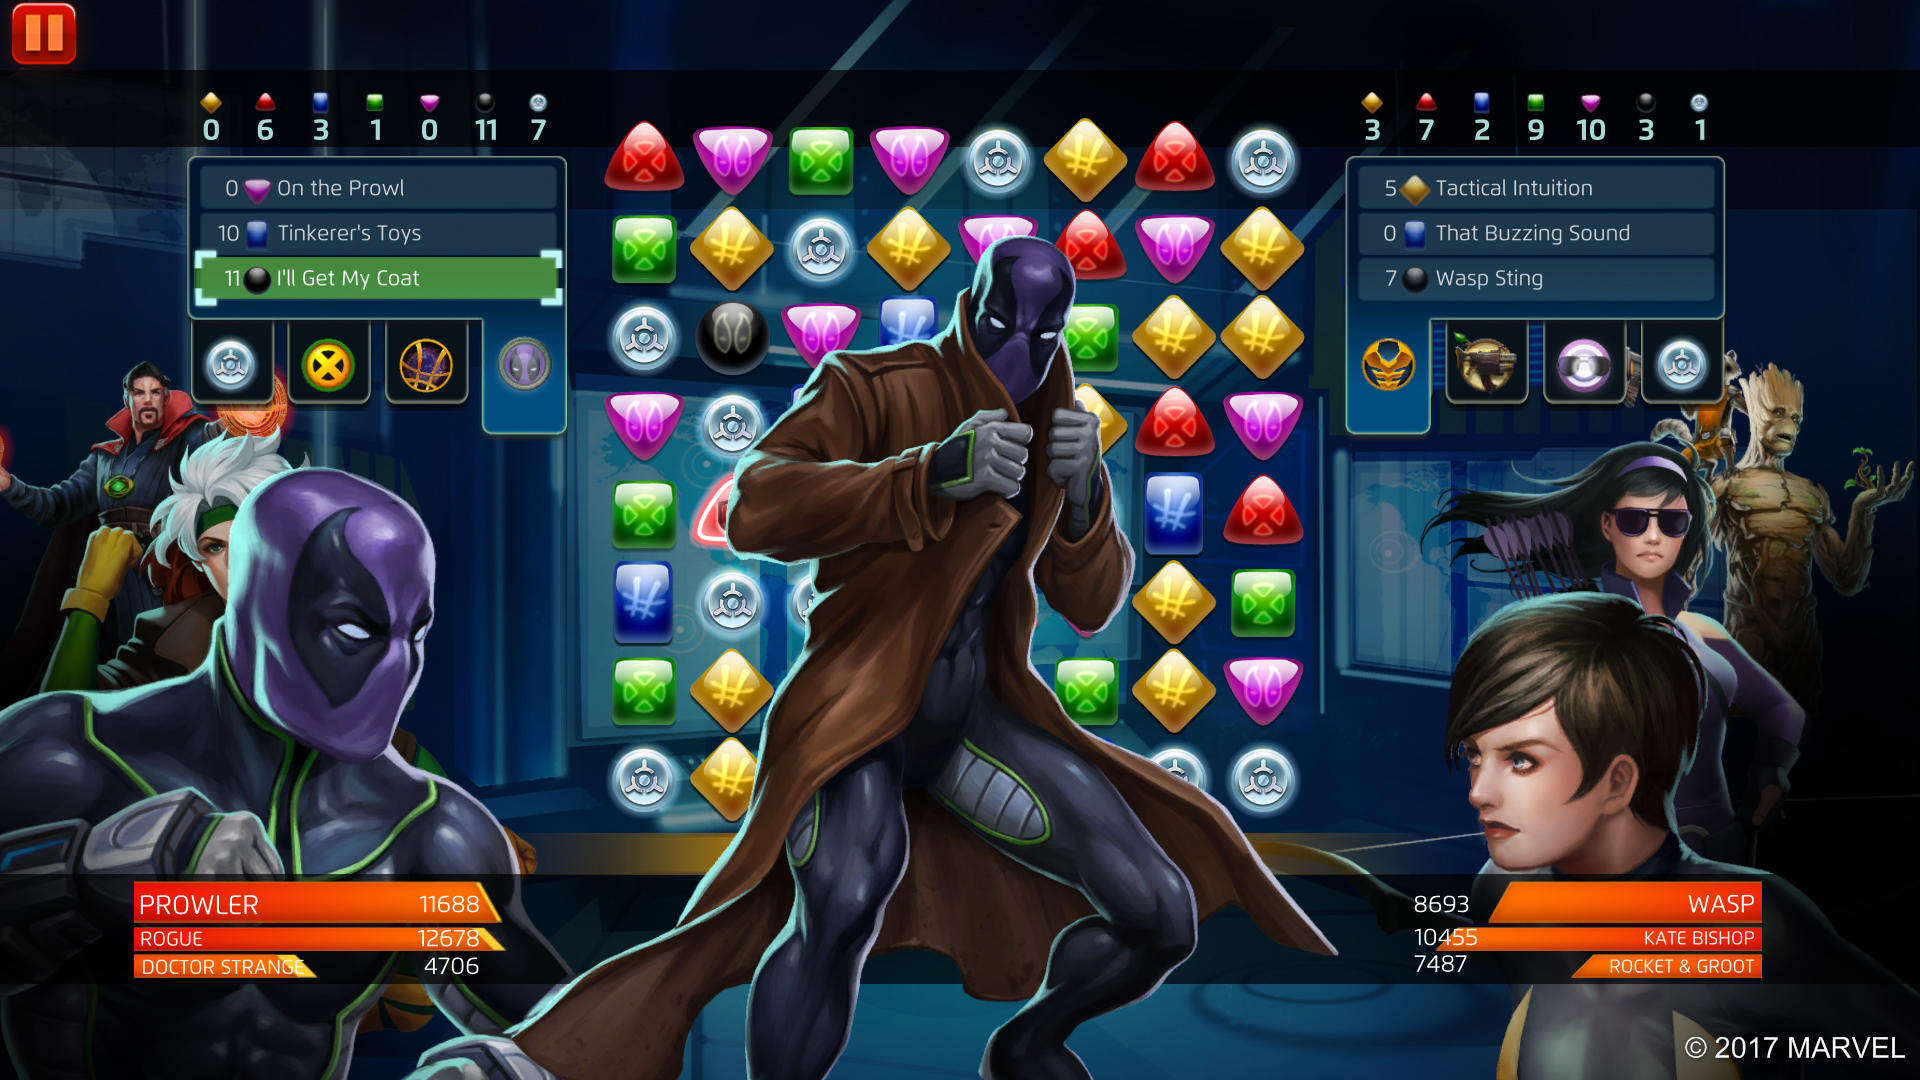 Marvel Puzzle Quest - Prowler - I'll Get My Coat